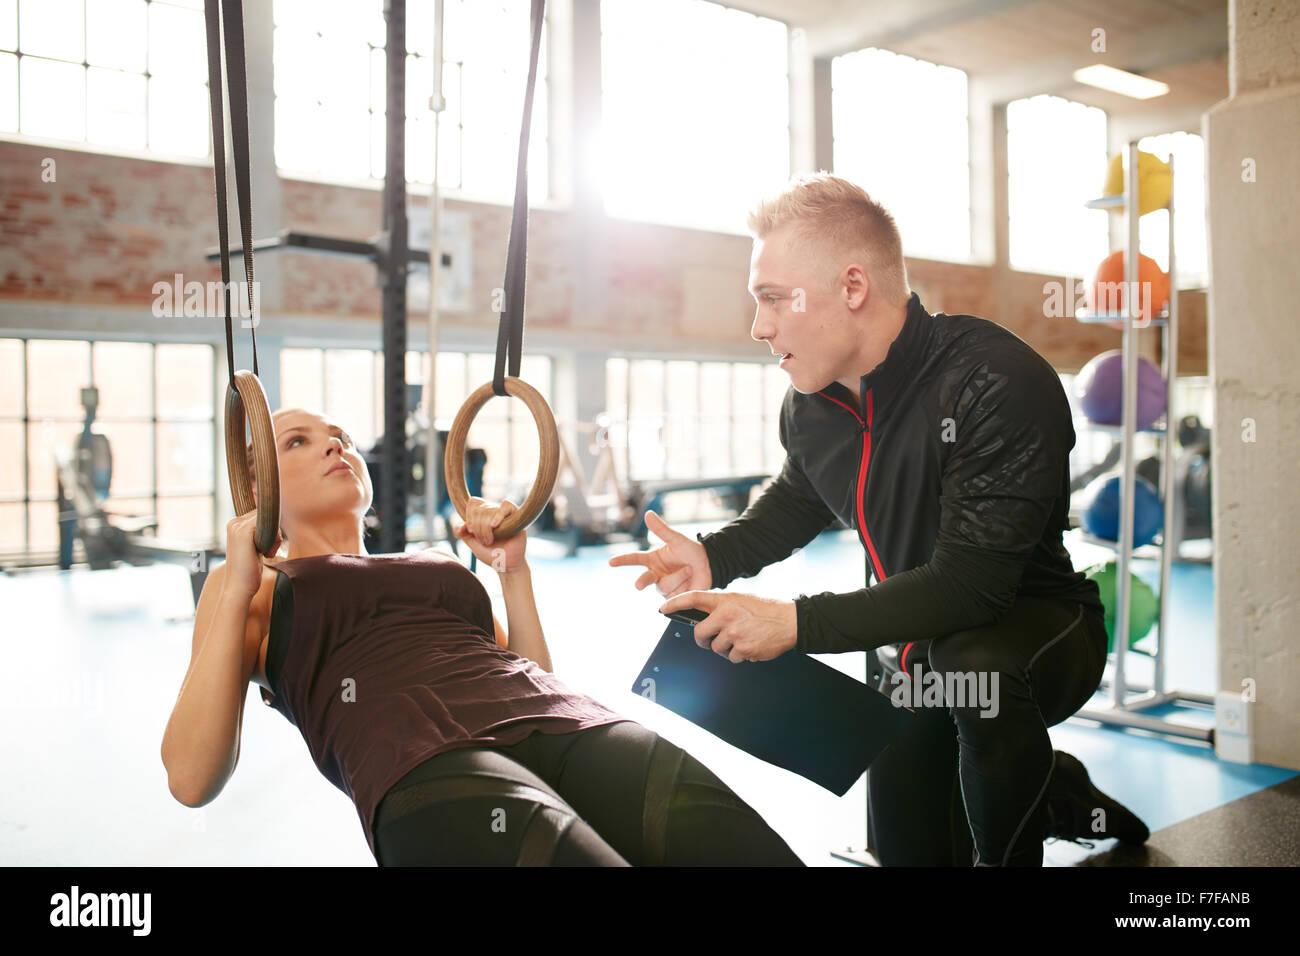 Instructor masculino ayudando a una joven mujer durante una sesión de entrenamiento en el gimnasio en los anillos. Imagen De Stock